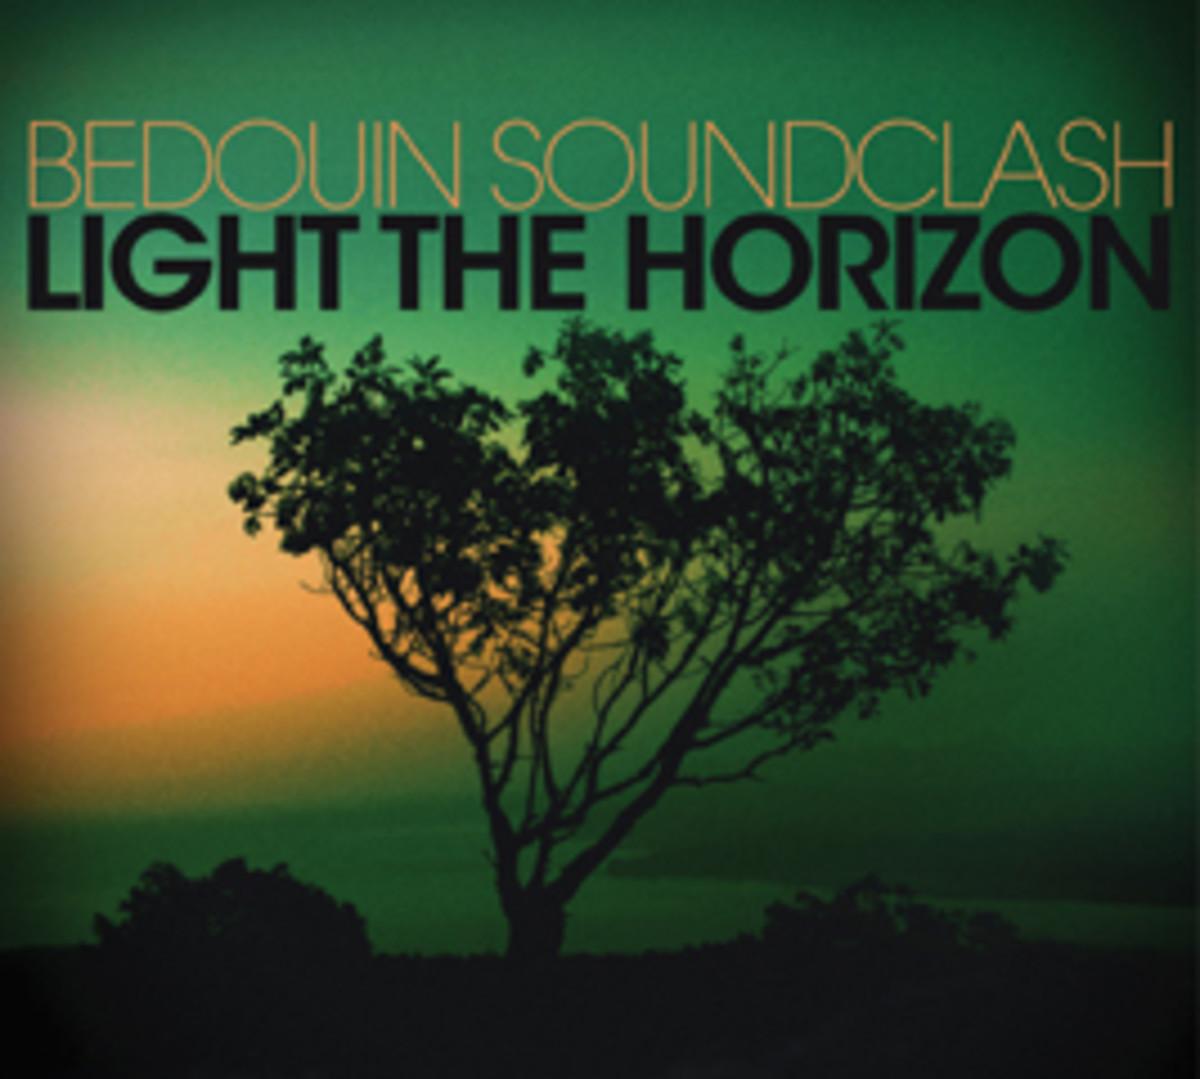 Bedouin_Soundclash